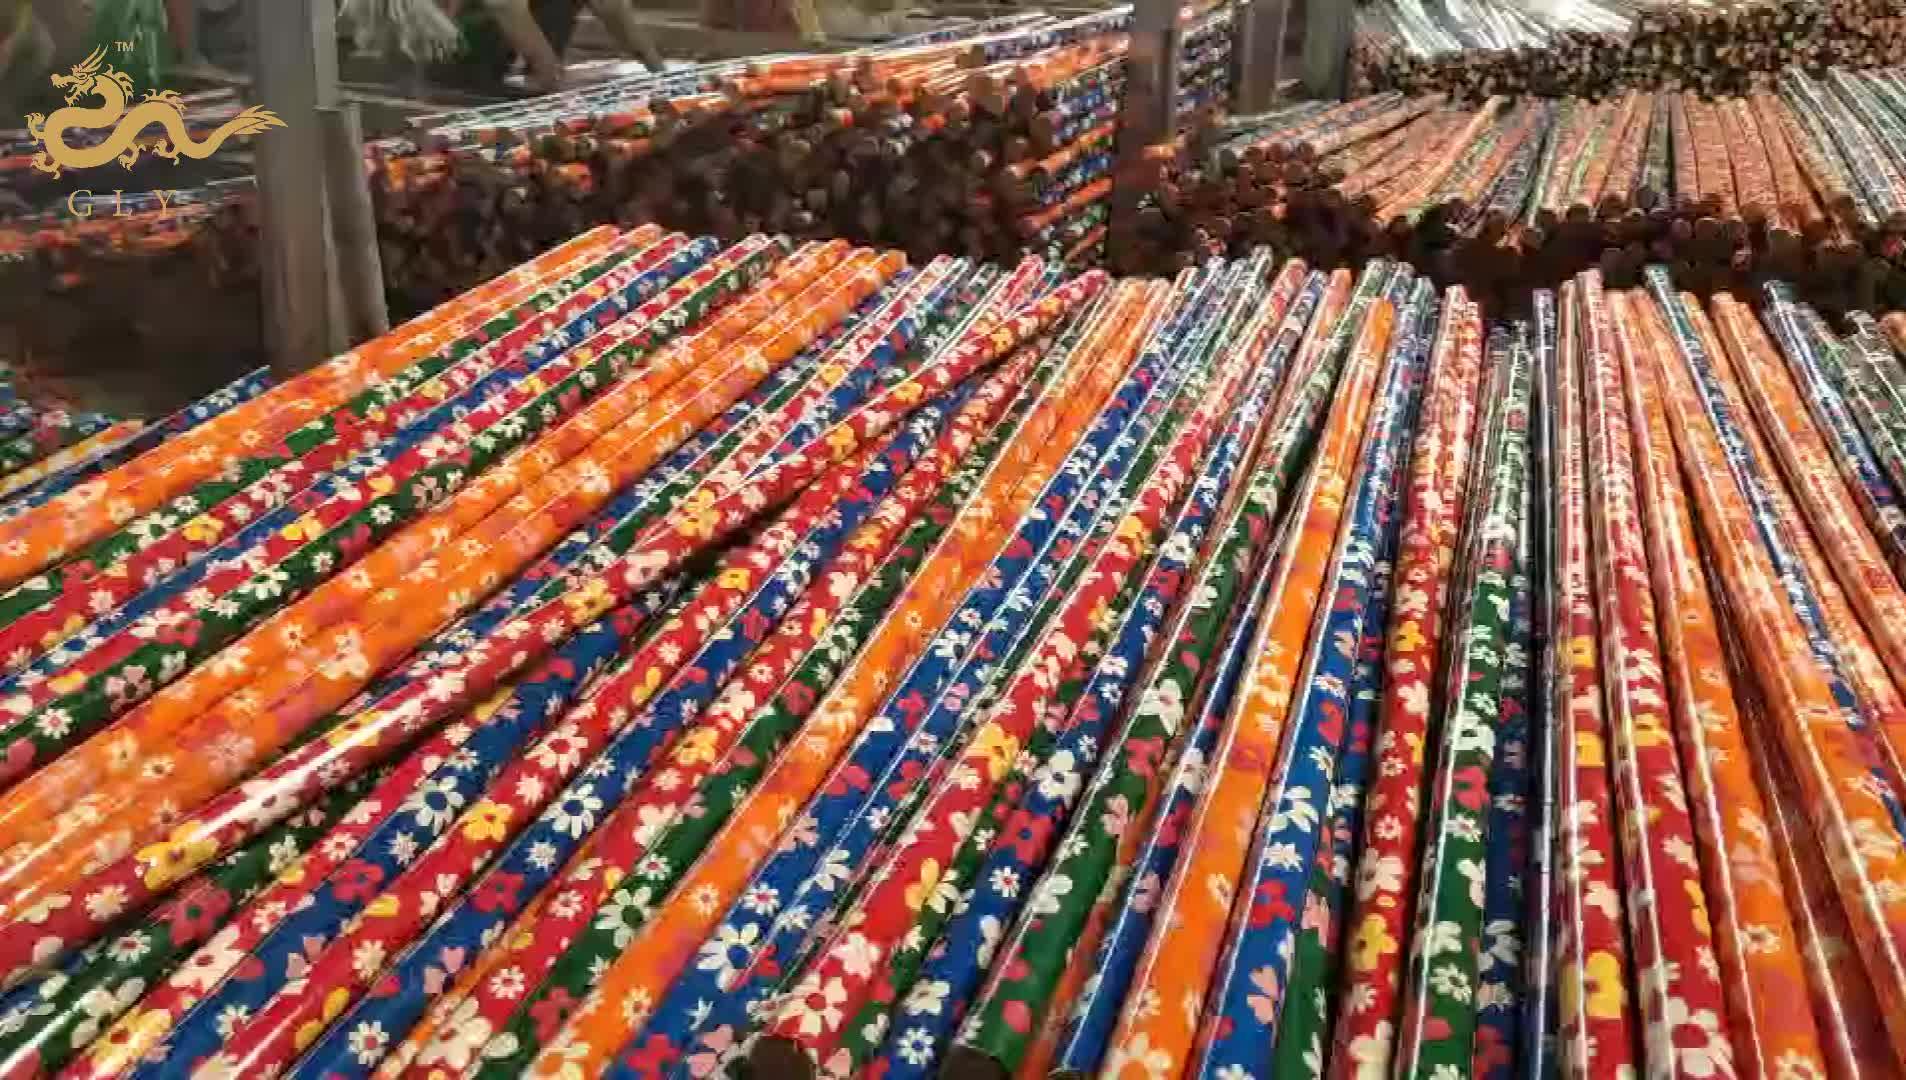 1200 มม.* 22 มม.Eucalyptus PVC ฟิล์มราคาถูกไม้กวาดไม้